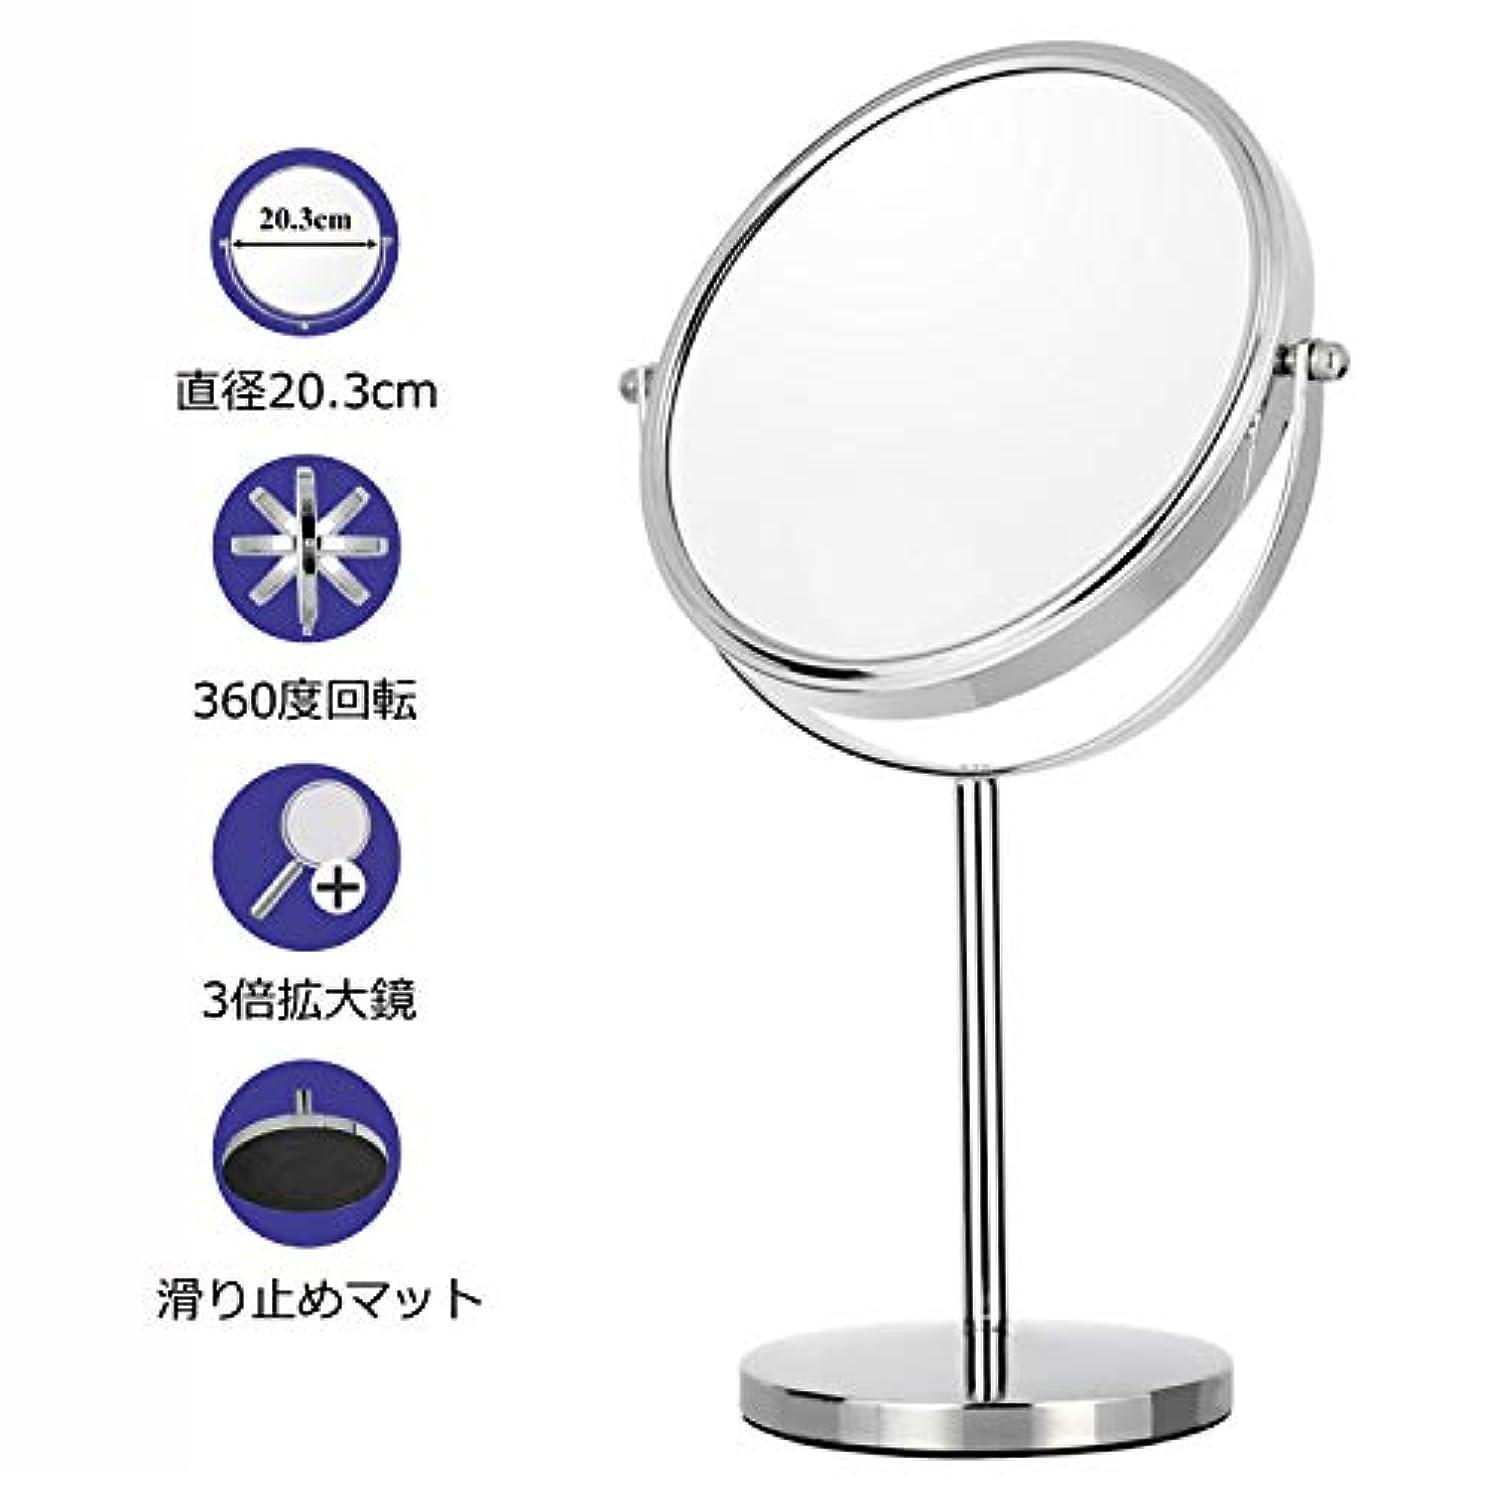 安らぎ場合逃れる鏡 卓上 拡大鏡付き 3倍卓上鏡 真実の両面鏡 浴室鏡 ミラー 360度回転 スタンドミラー クロム 鏡 (鏡面23.2cm)